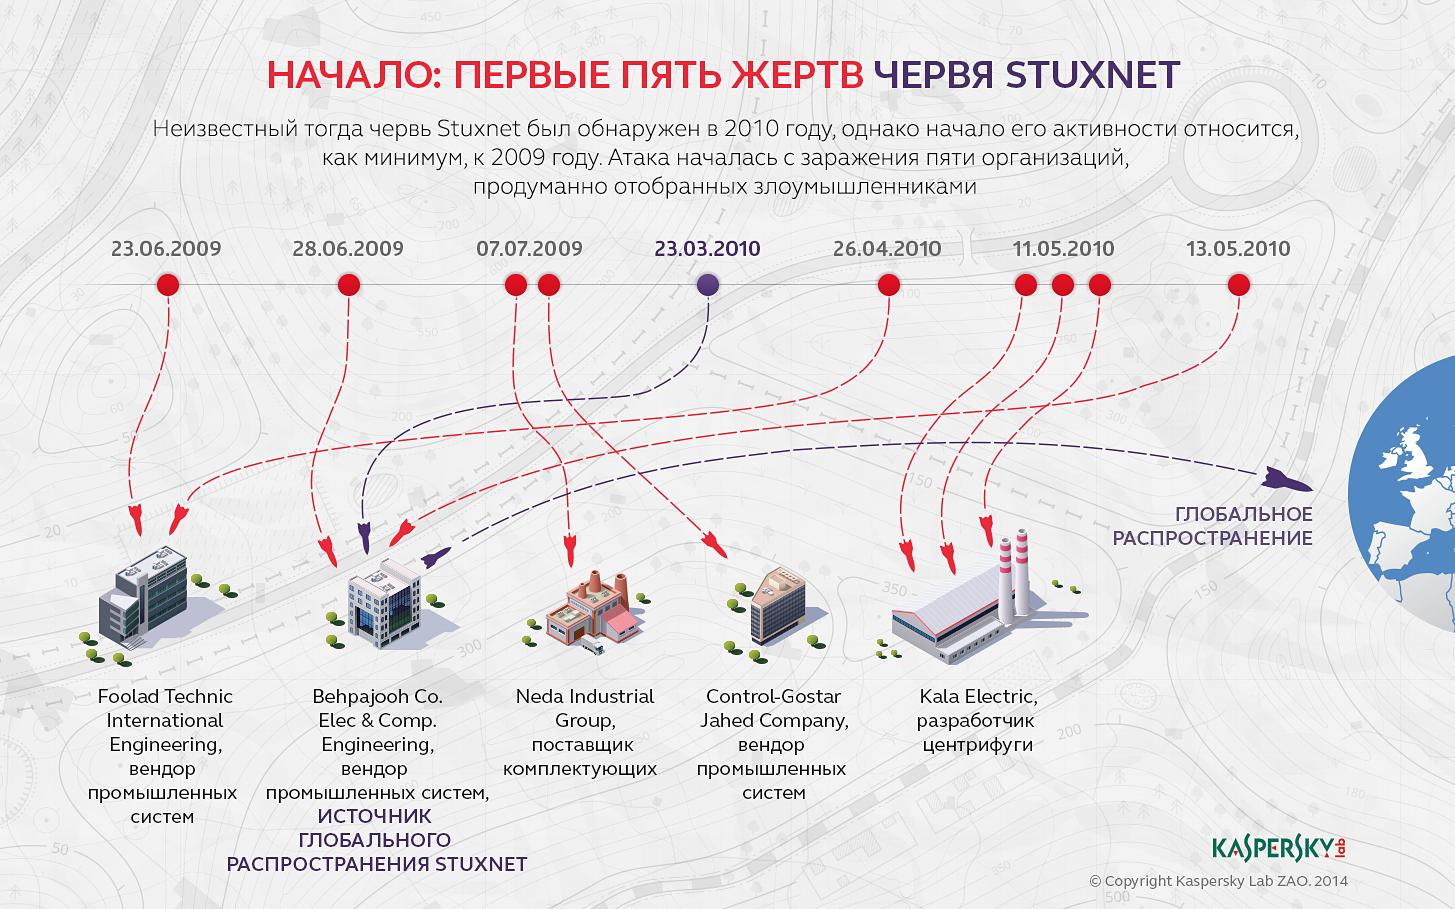 Как распространялся Stuxnet